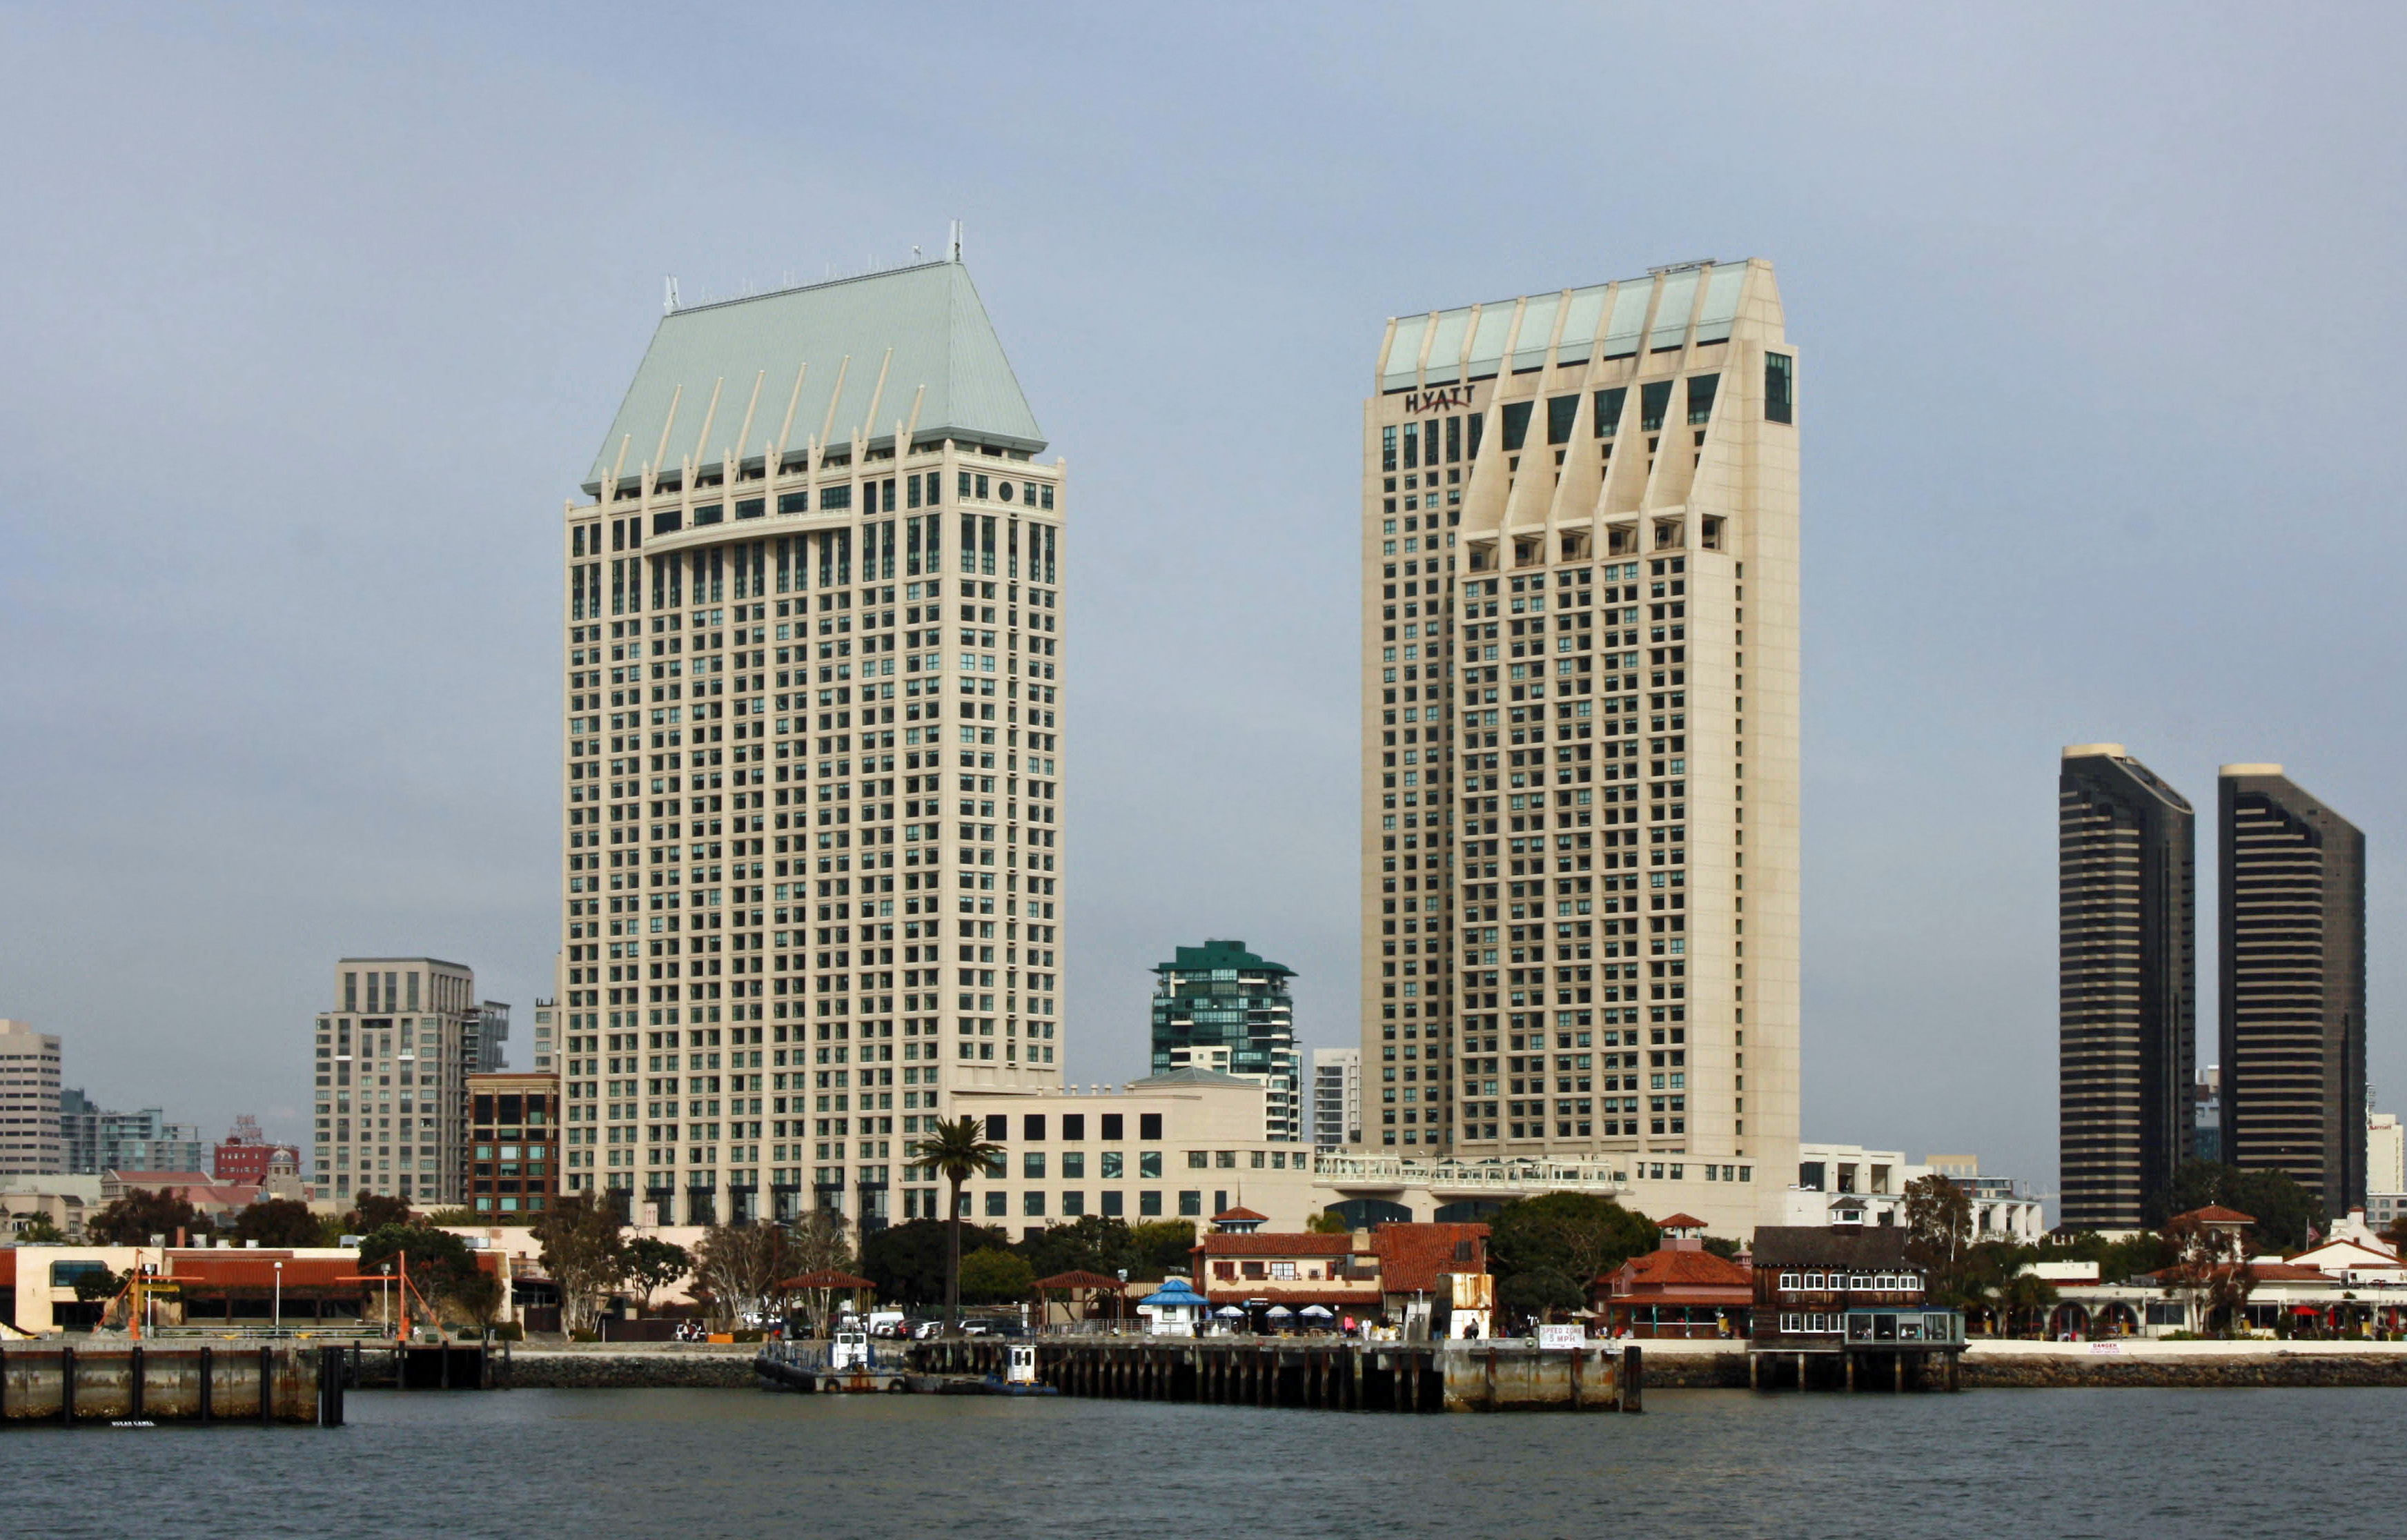 Grand Hyatt Hotel San Francisco